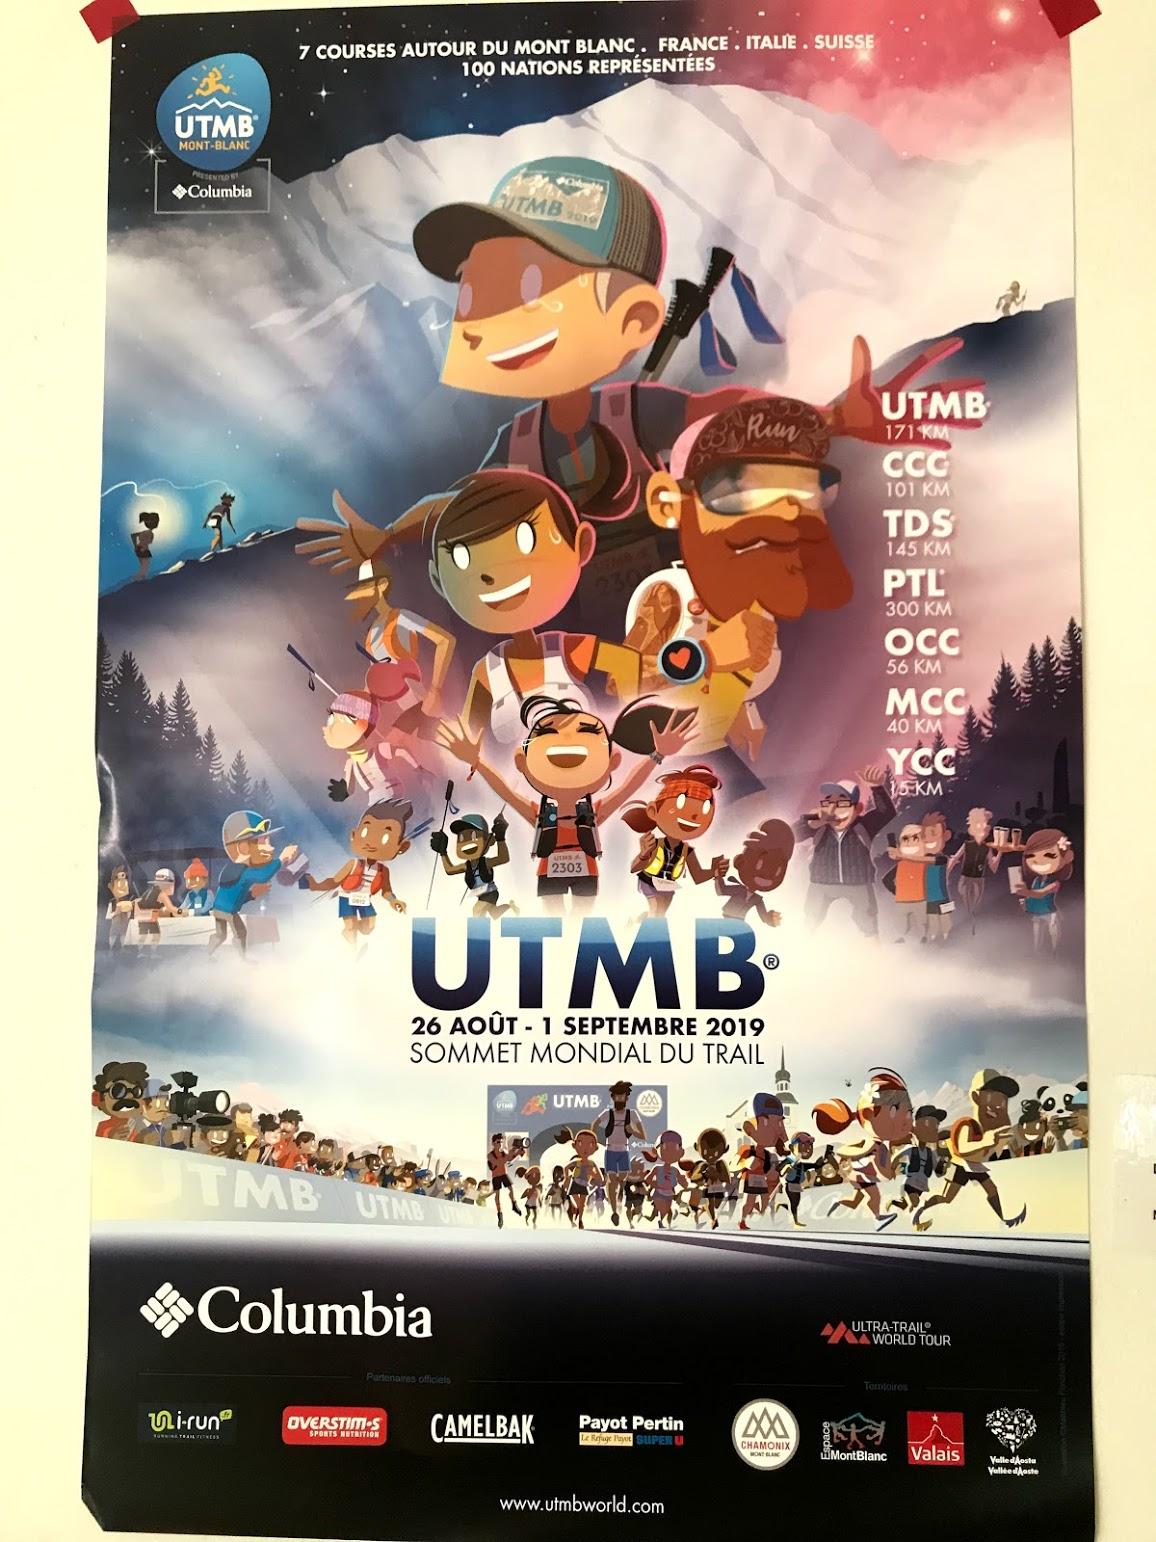 UTMBのポスター。フランスのトレラン漫画の漫画家がデザイン